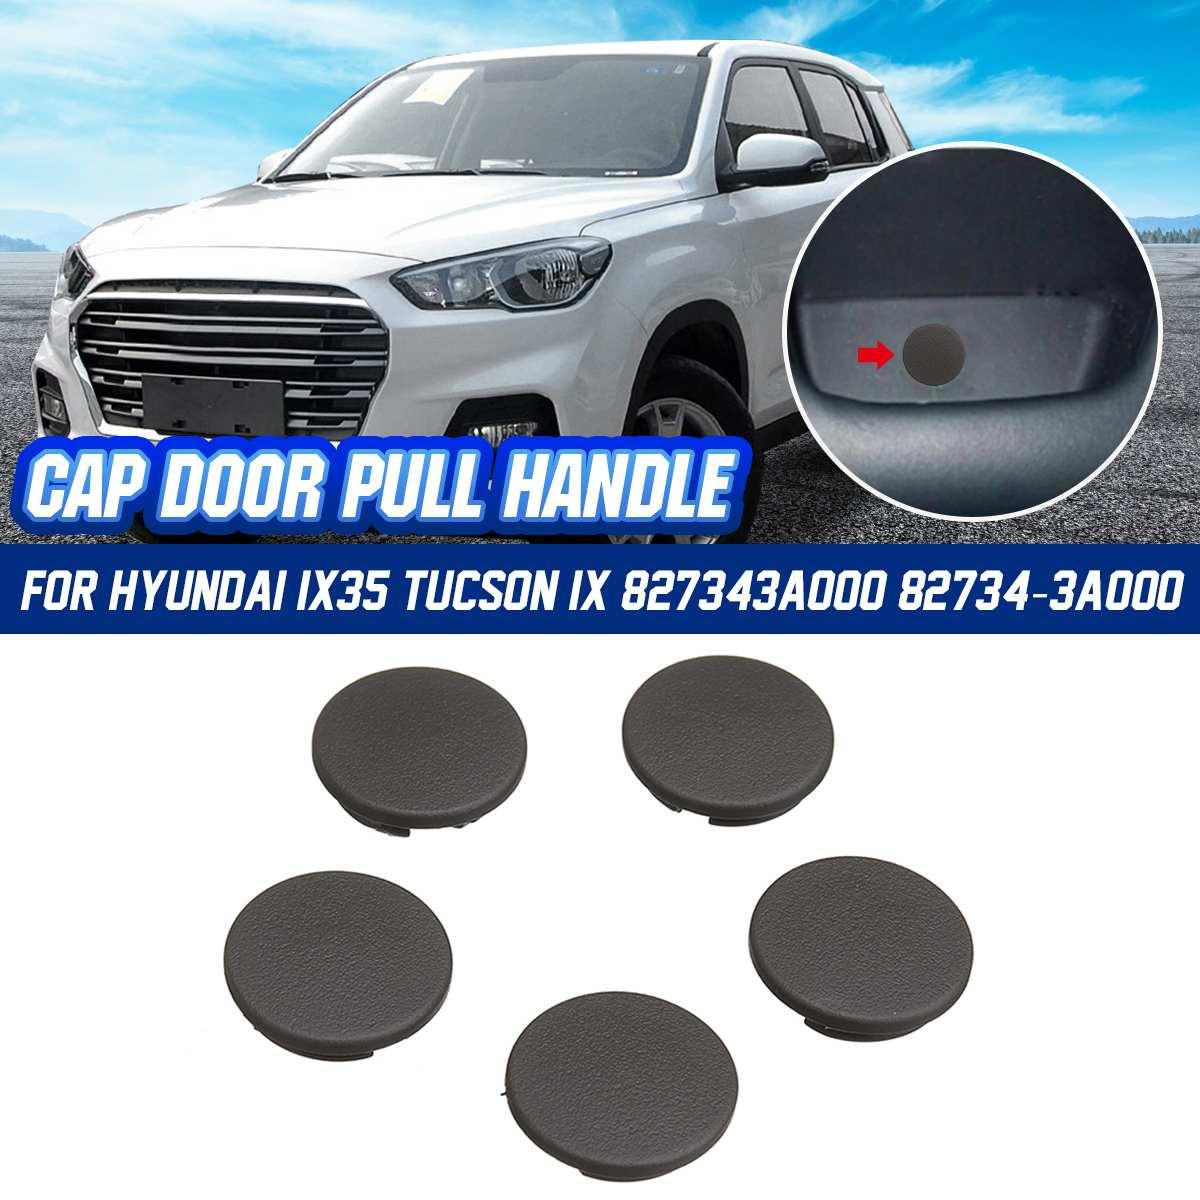 Poignée de traction de bouchon de porte intérieure de voiture de 5 pièces 827343A000 82734-3A000 pour Hyundai IX35 Tucson IX